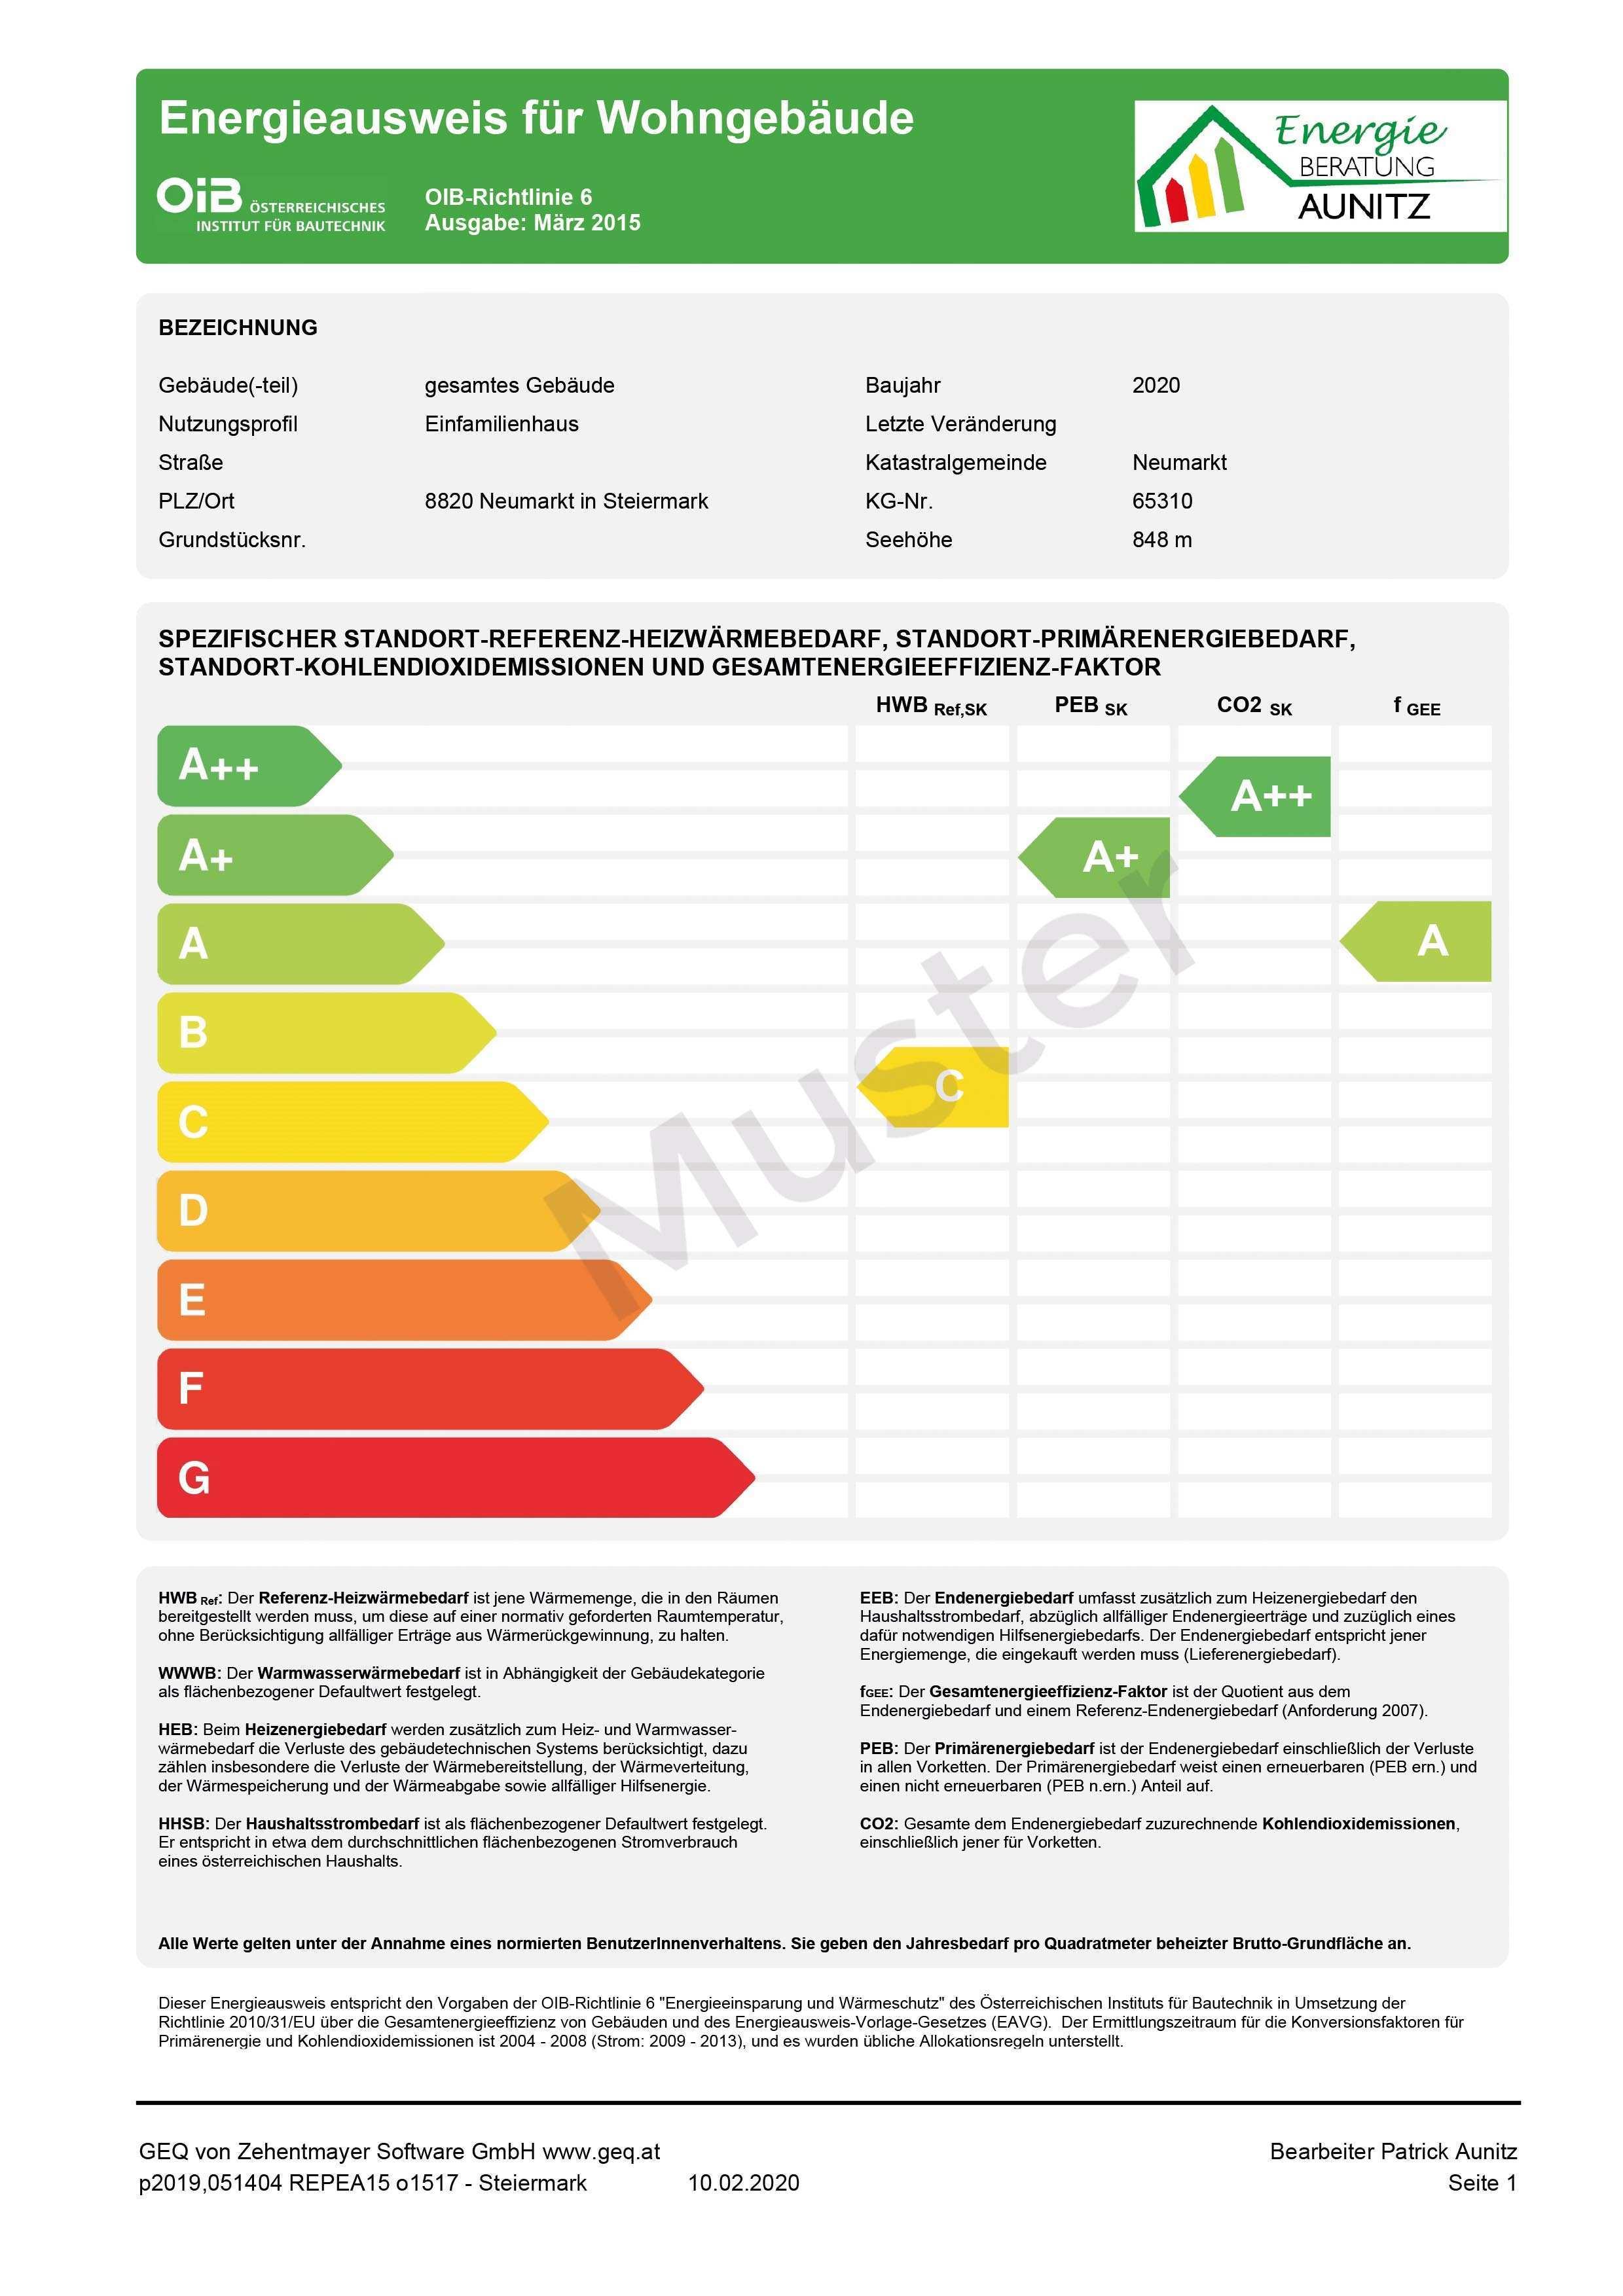 Energieberatung Aunitz Energieausweis